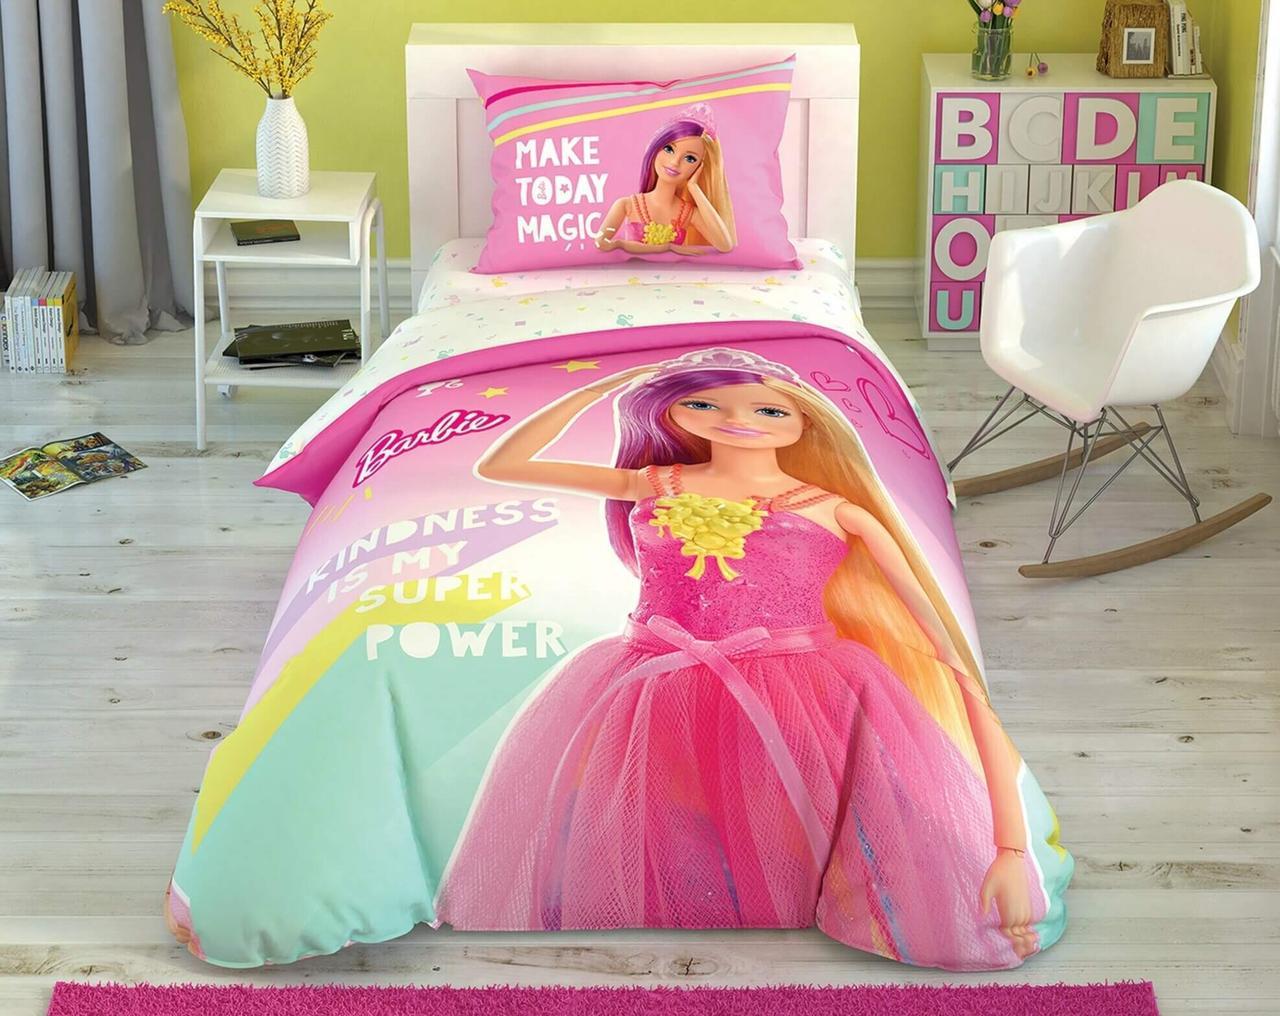 Детский и подростковый комплект TAC Barbie Kindness Ранфорс простынь на резинке+светится в темноте